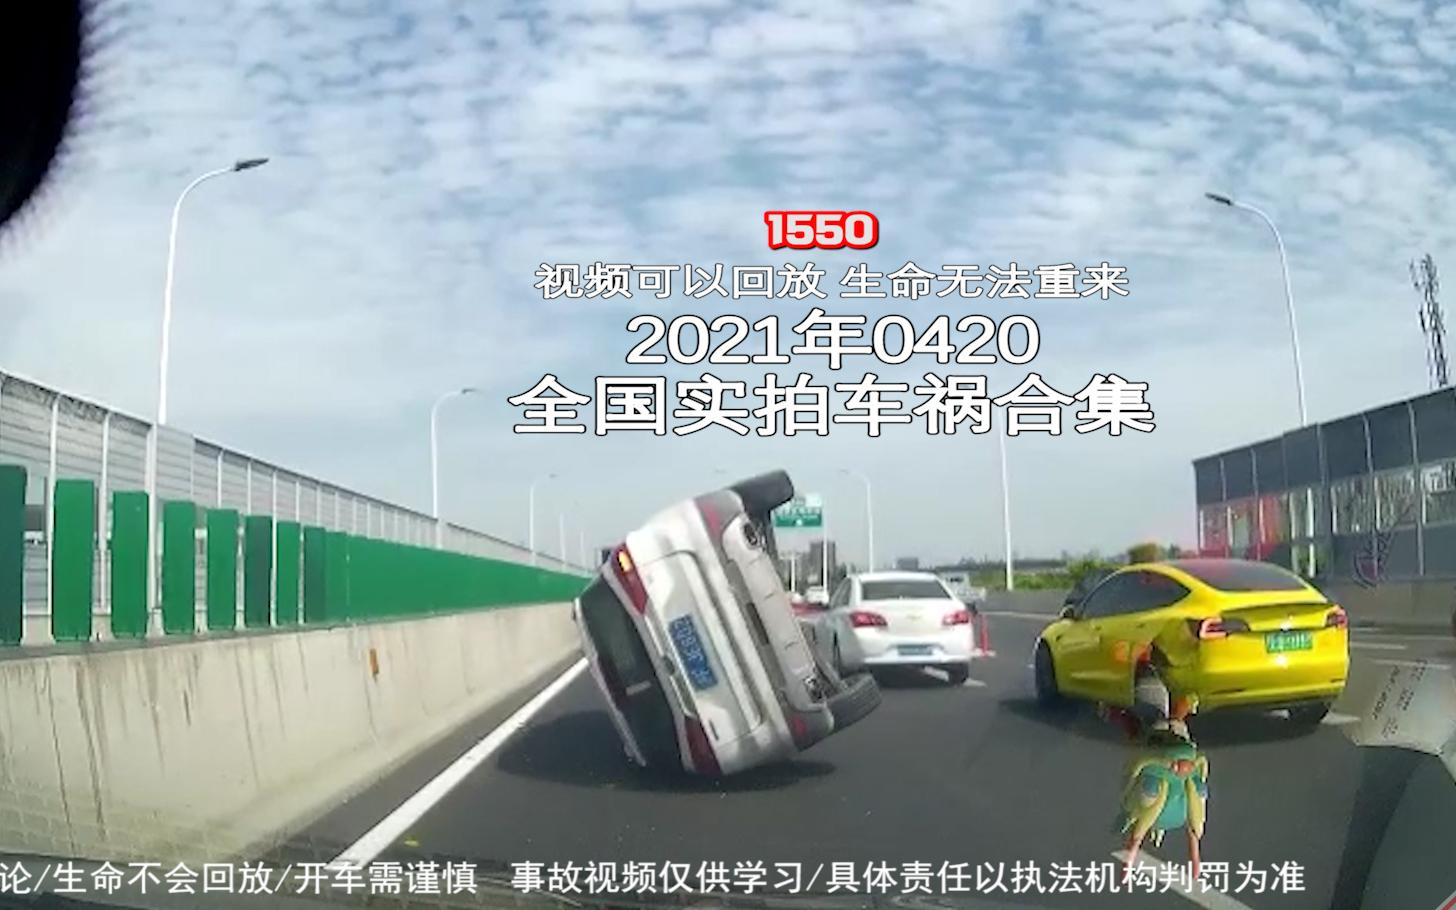 1550期:某电动车失控撞上路灯起火,司机不幸身亡【20210420全国车祸合集】